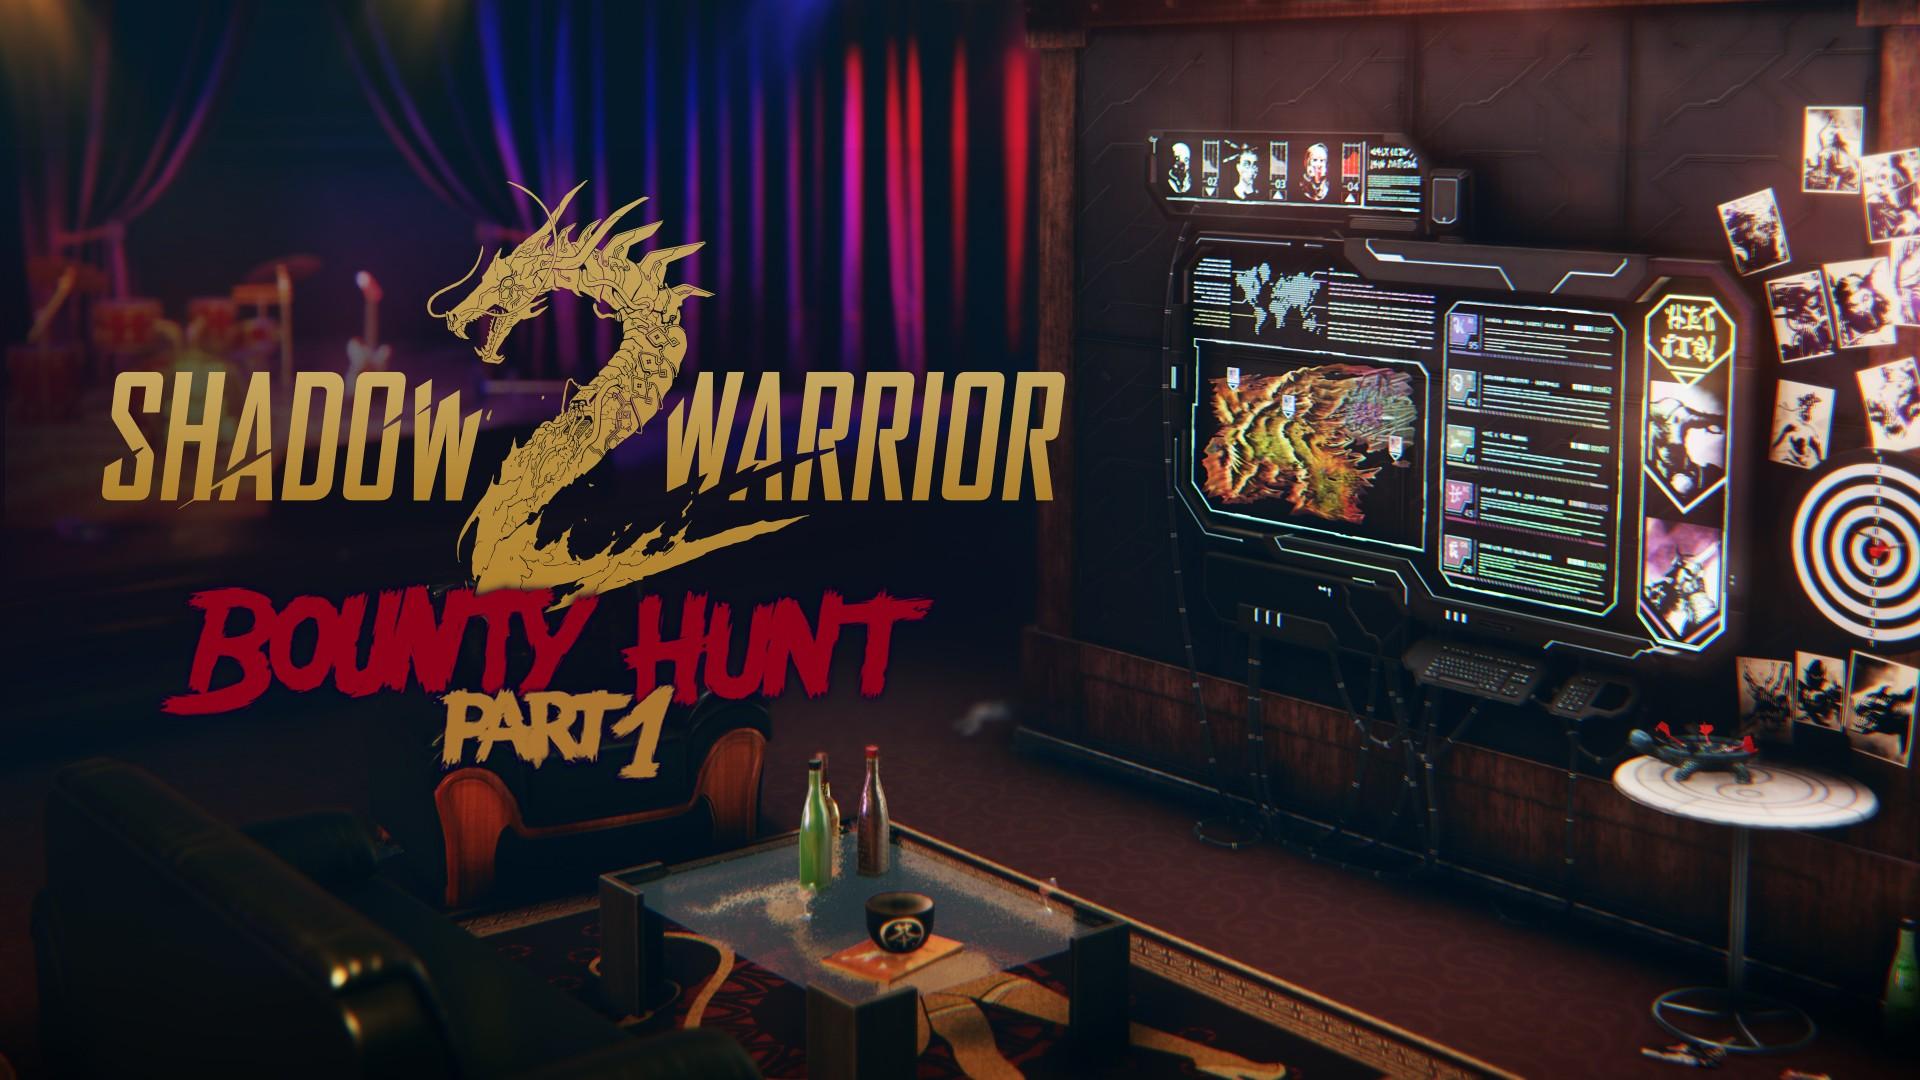 hadowWarrior BountyHuntPart